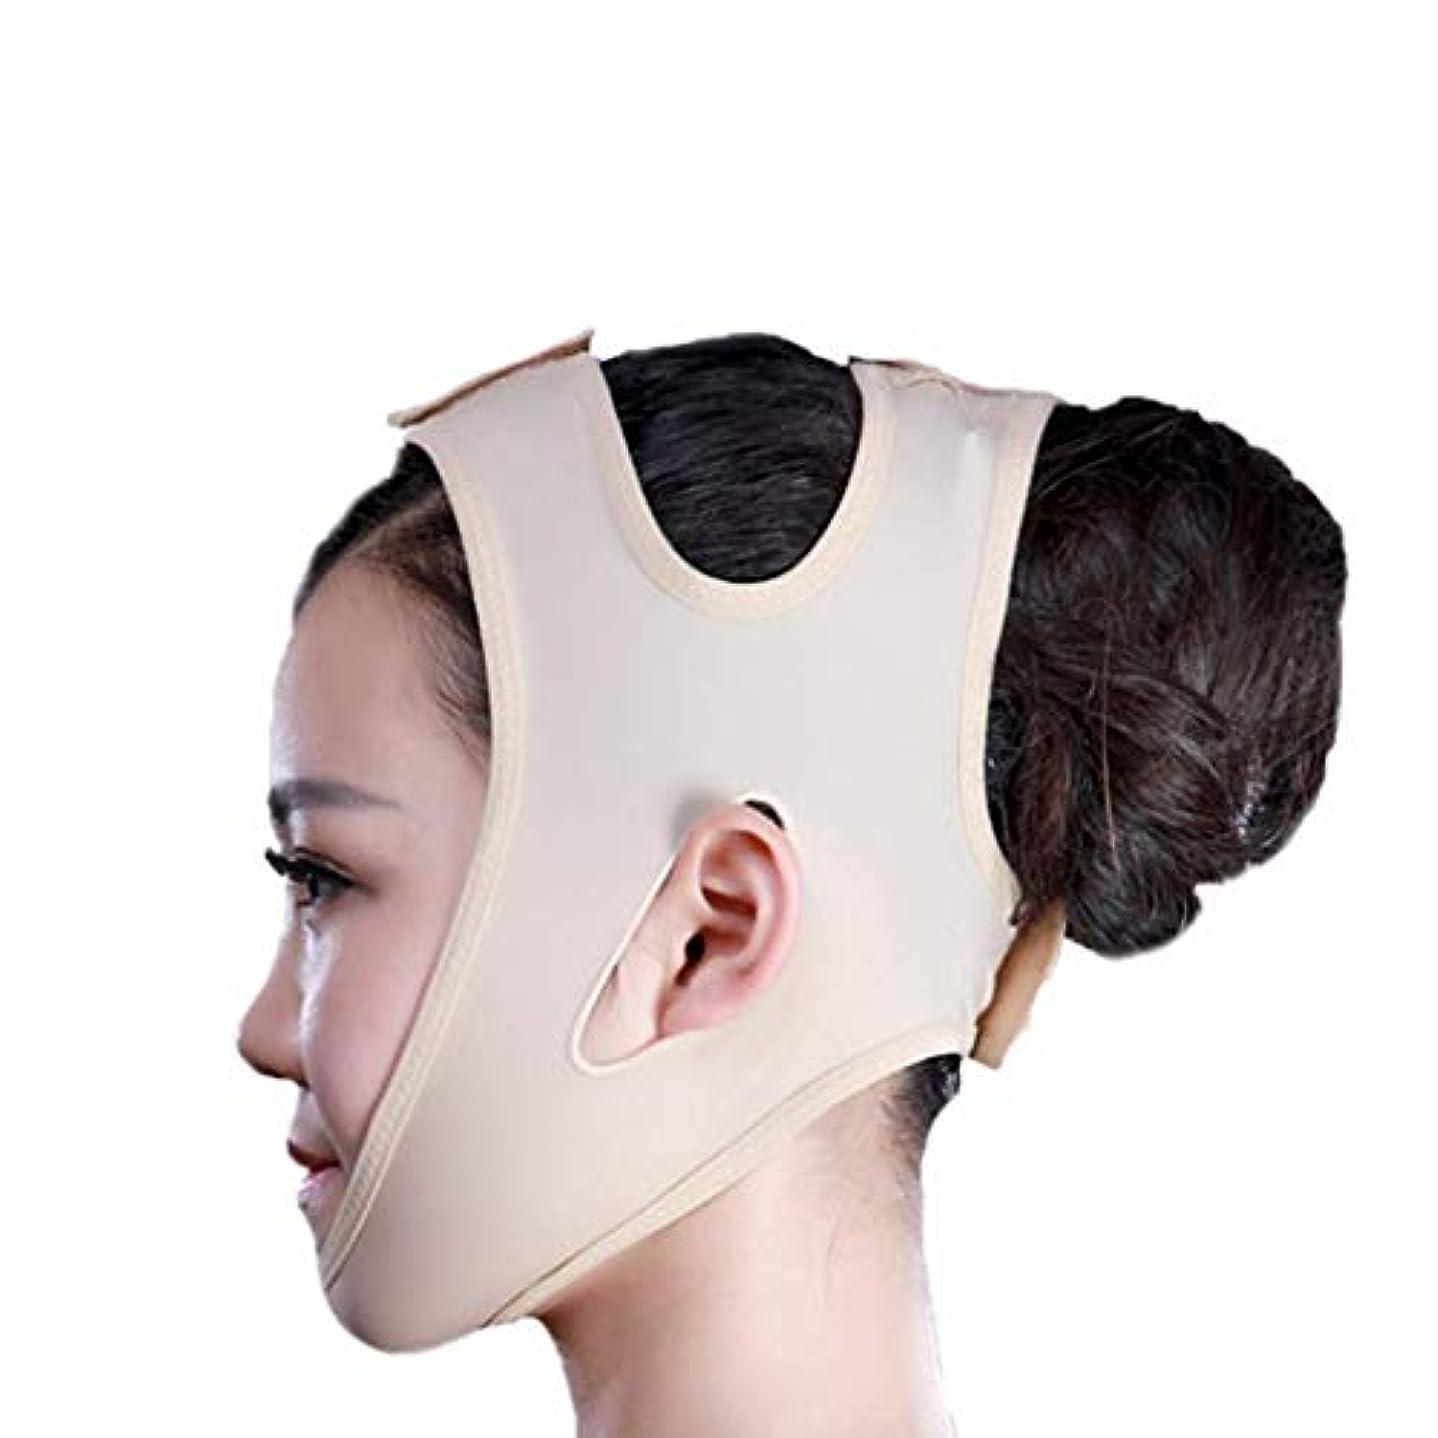 五抹消鮫フェイススリミングマスク、快適さと通気性、フェイシャルリフティング、輪郭の改善された硬さ、ファーミングとリフティングフェイス(カラー:ブラック、サイズ:XL),黄色がかったピンク、M